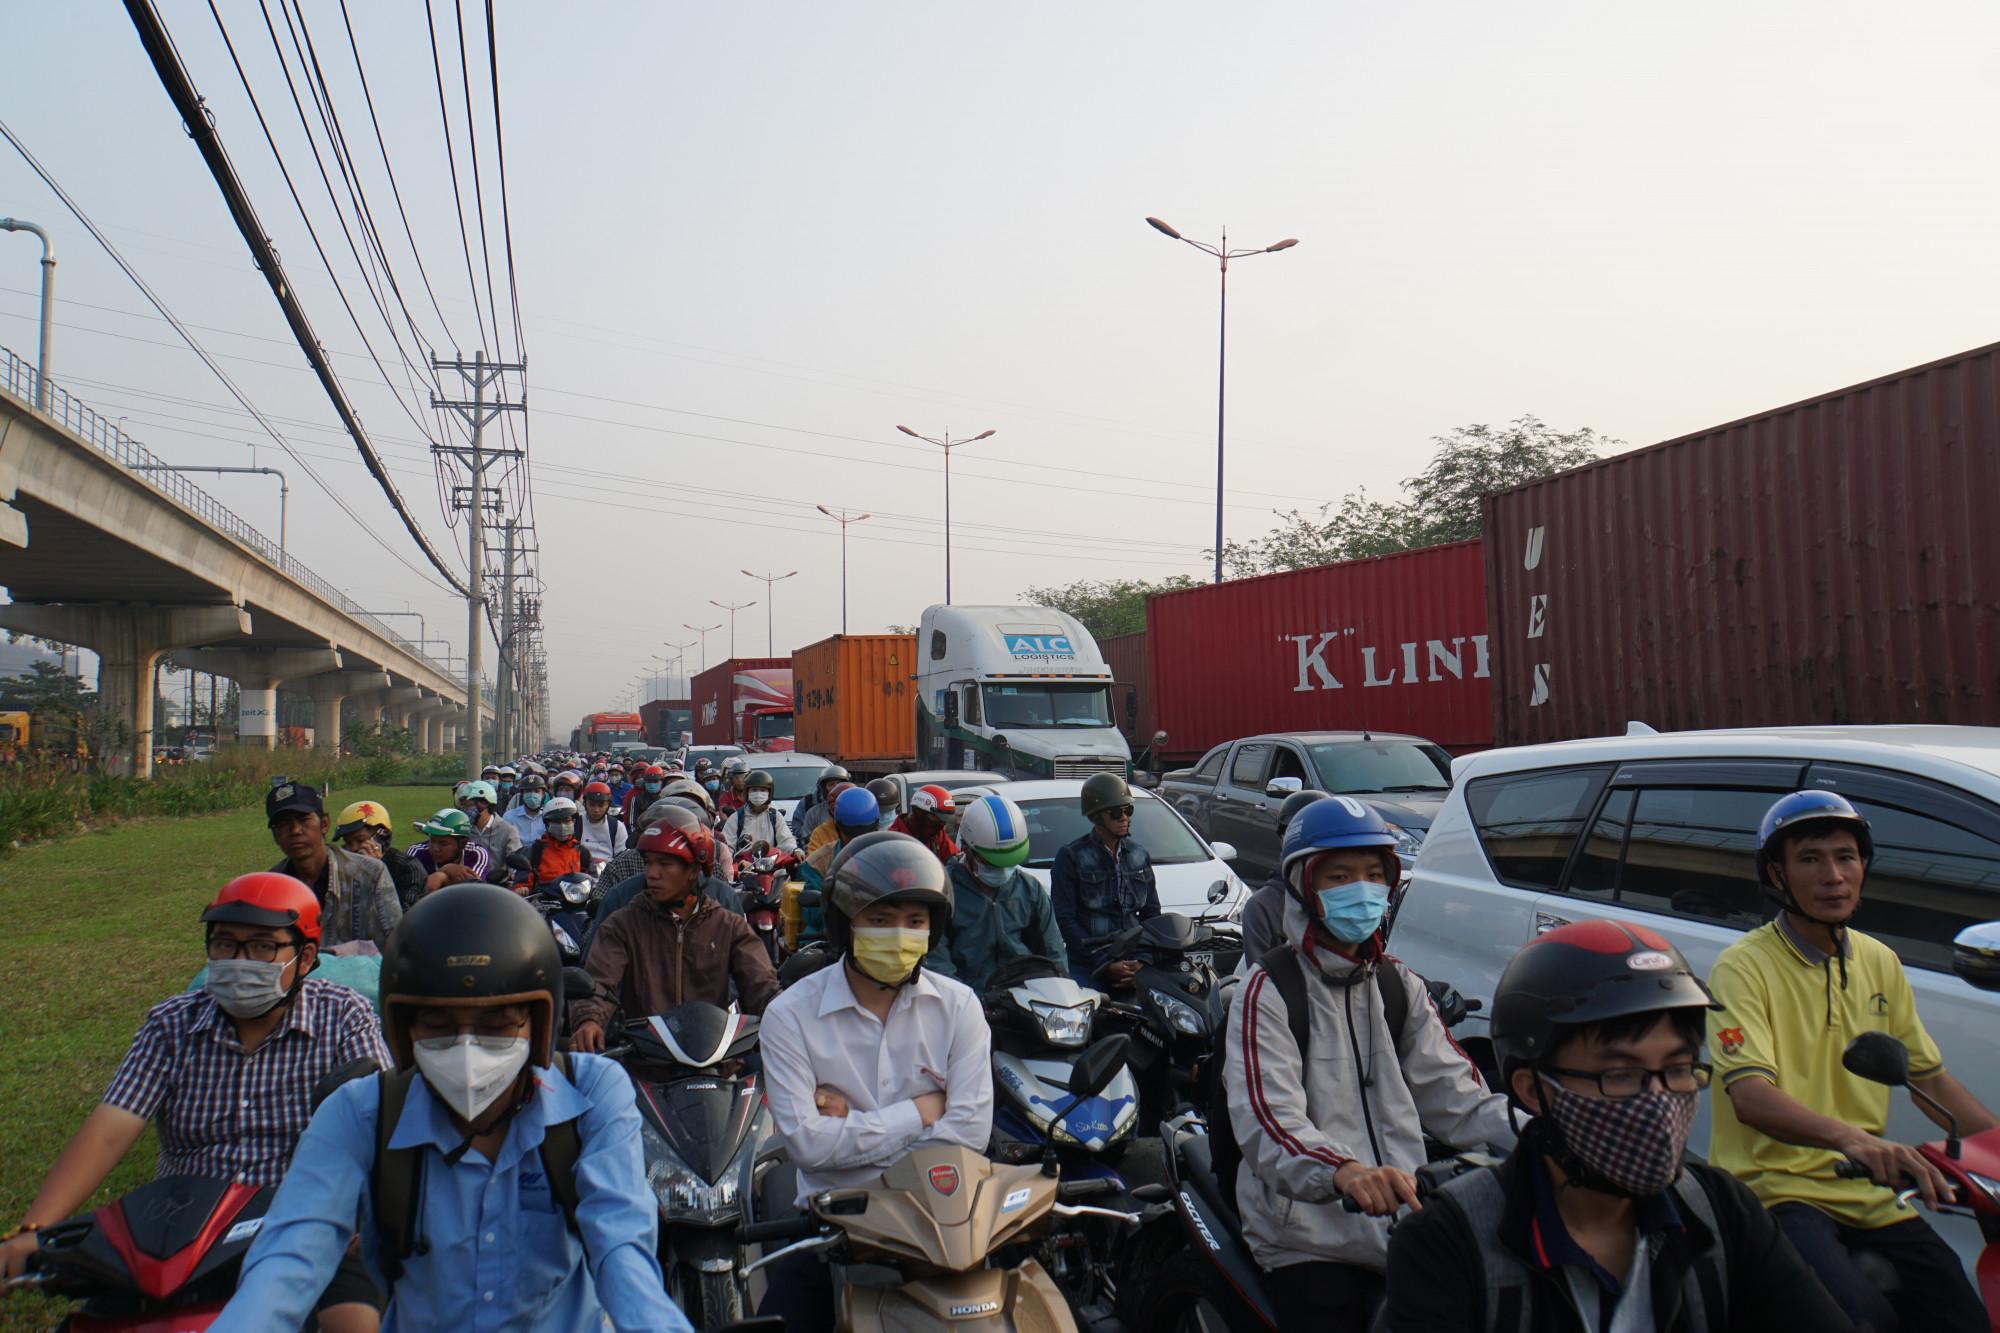 8g sáng, Xa lộ Hà Nội đã xảy ra cảnh ùn tắc không lối thoát theo hướng vào trung tâm TP